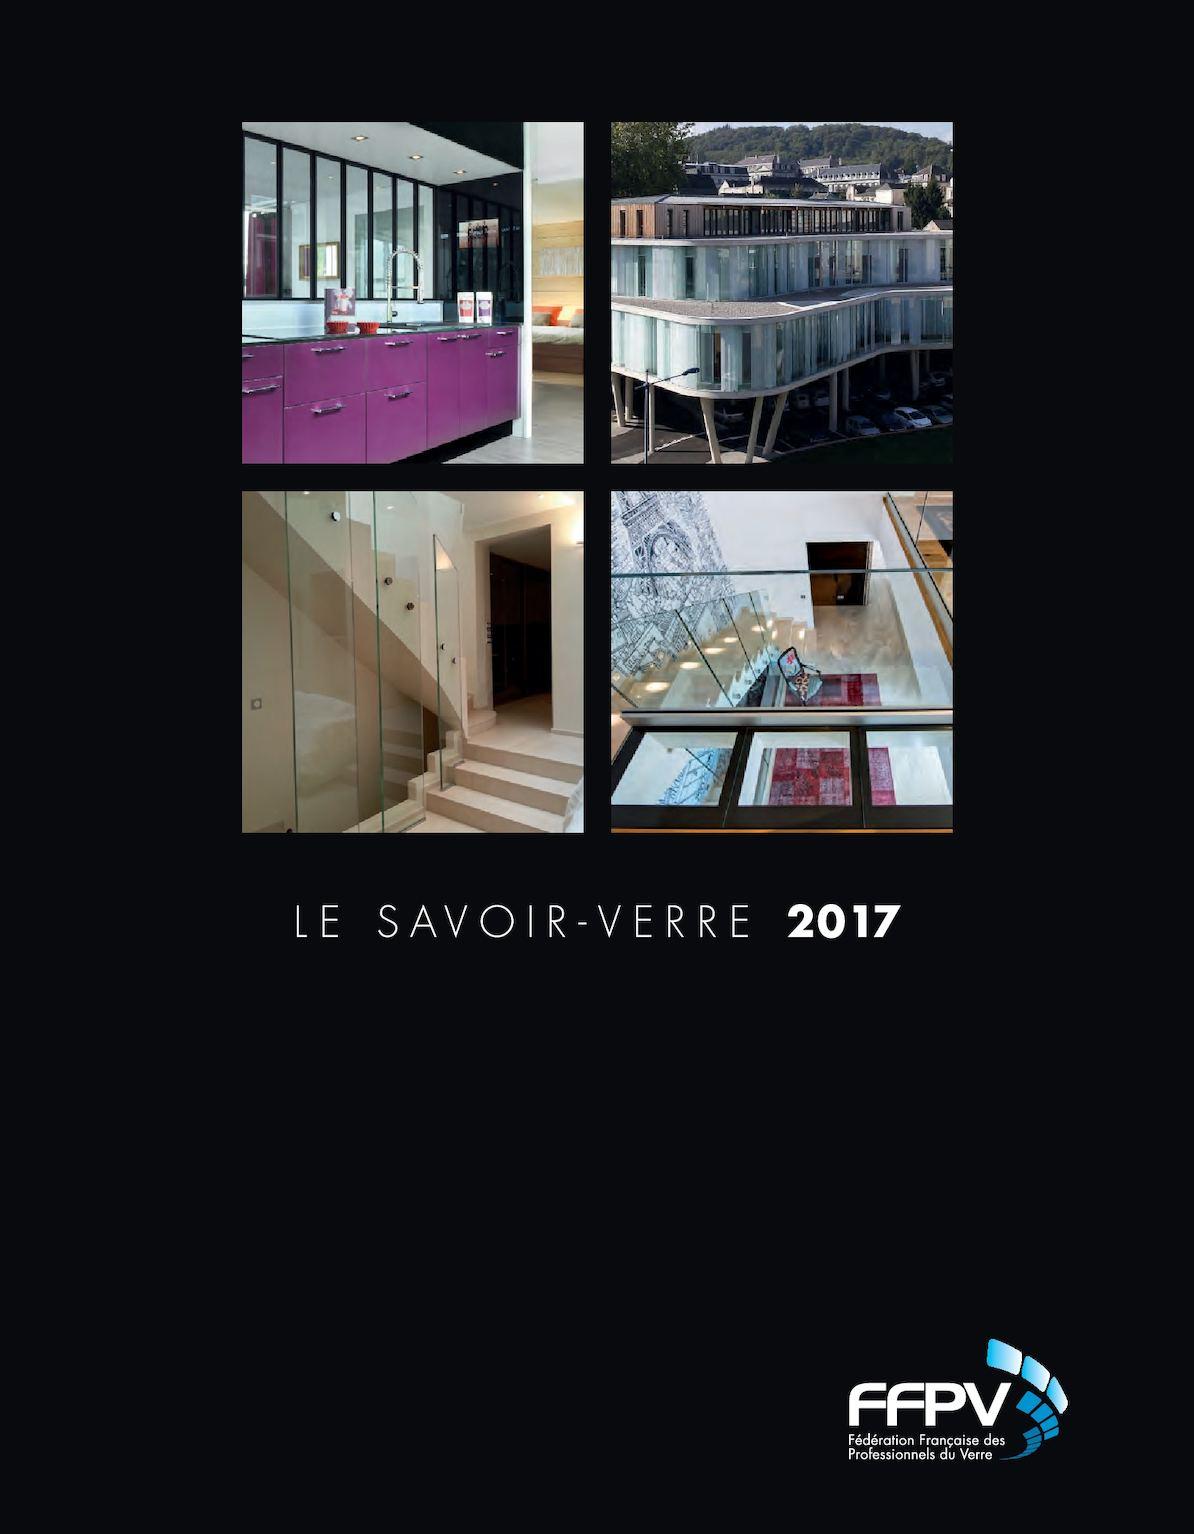 Tarif Vitrage Saint Gobain calaméo - guide ffpv 2017